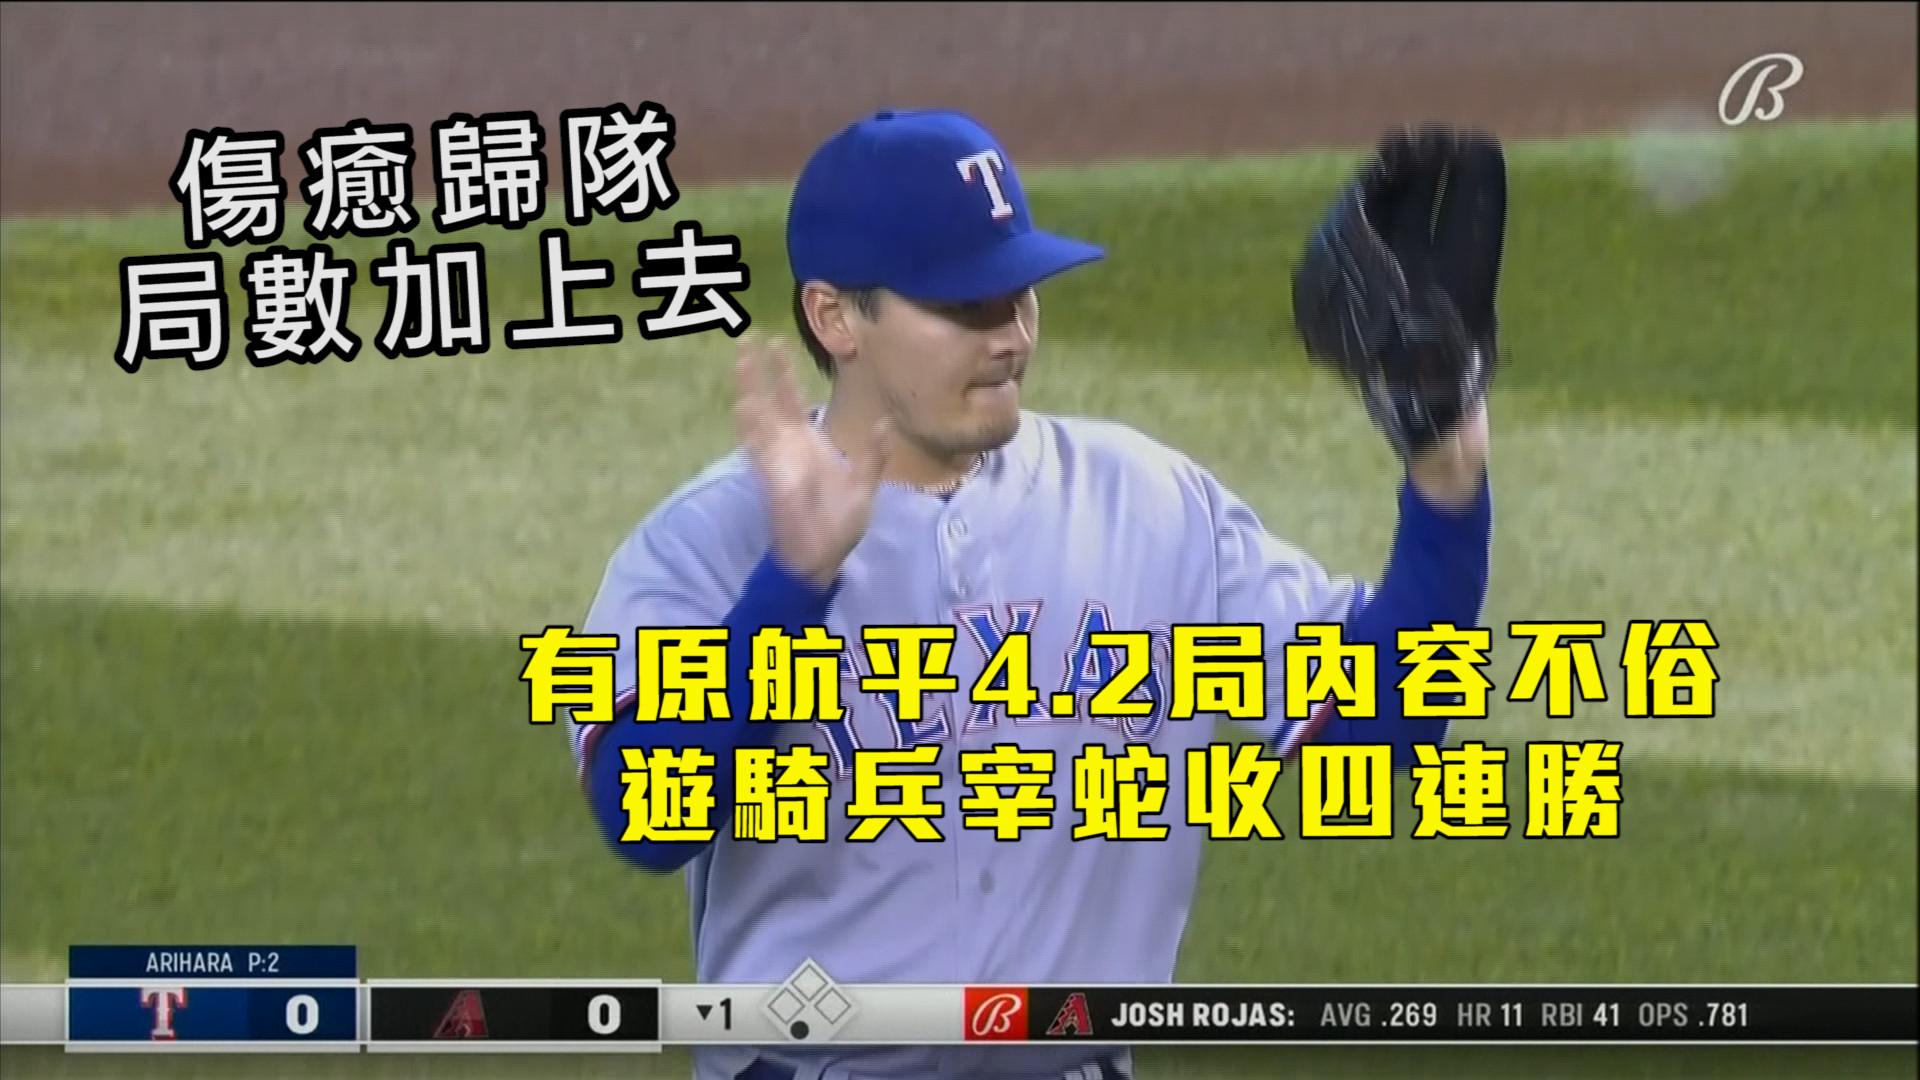 【MLB看愛爾達】有原航平再度先發 4.2局失2分表現穩 09/09